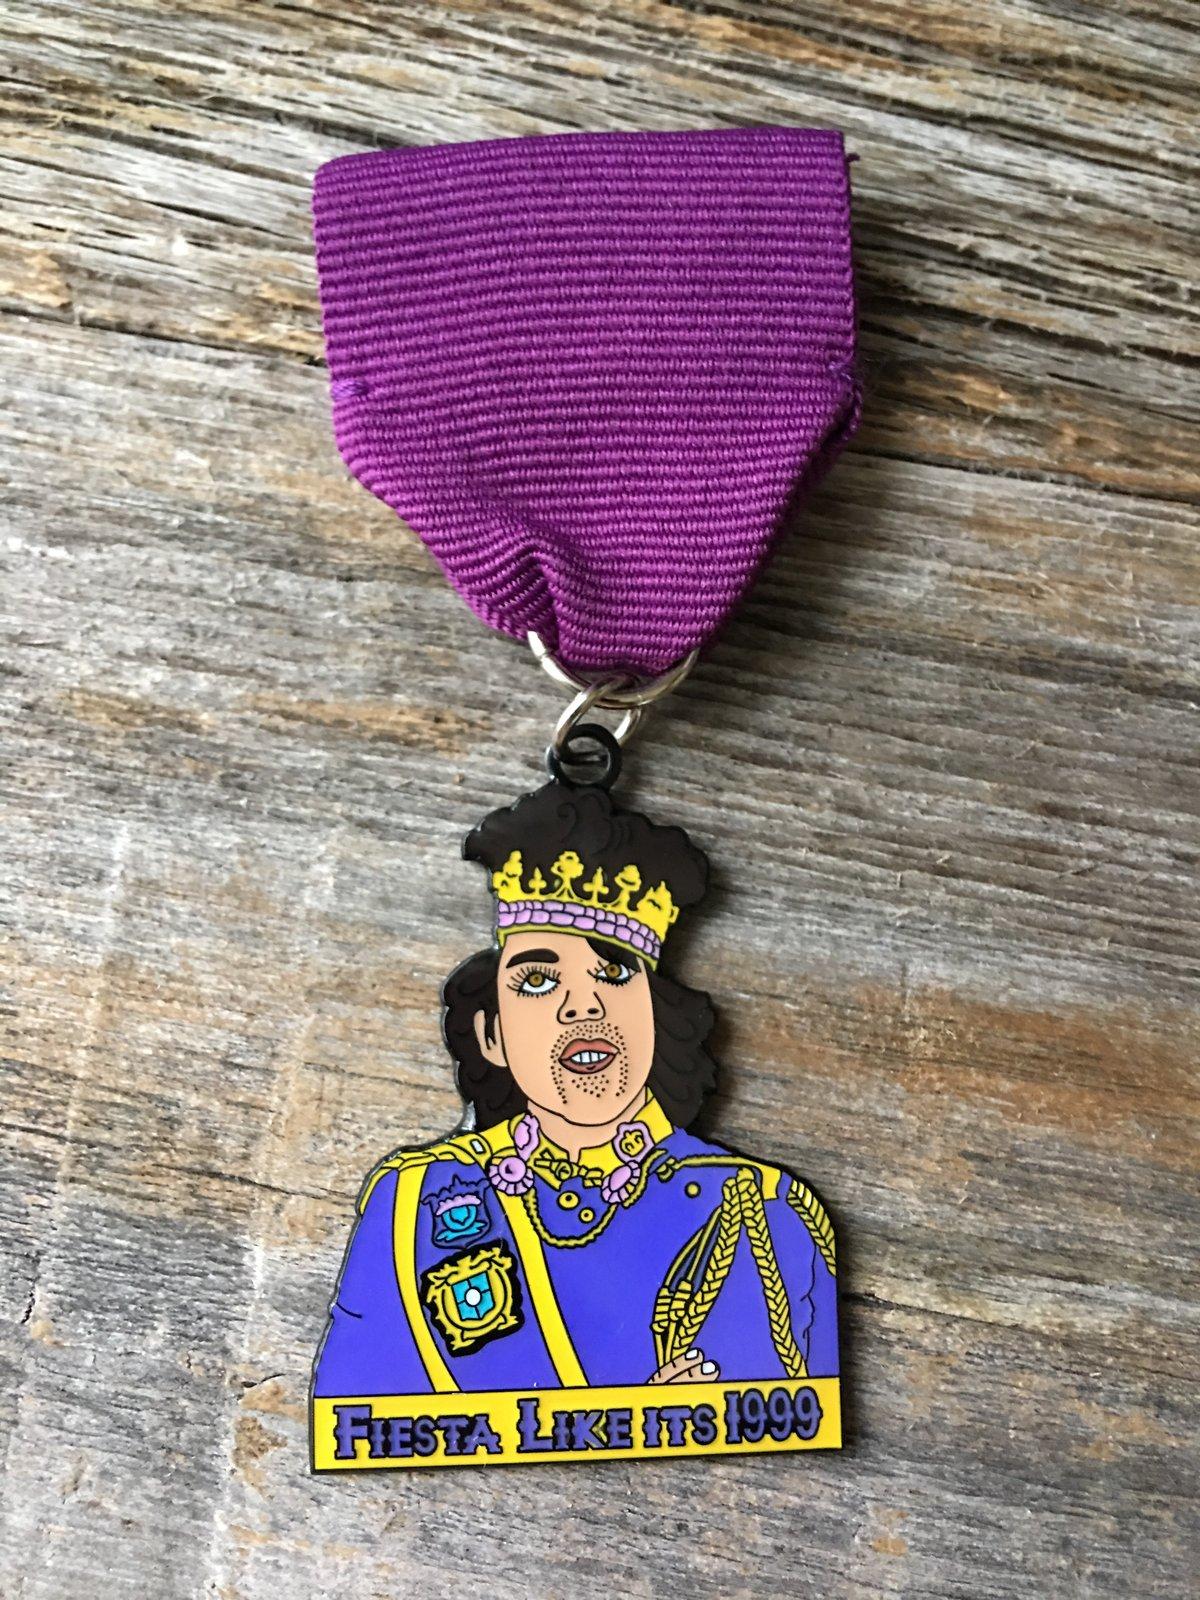 Image of 'Fiesta like it's 1999' Fiesta Medal 2019